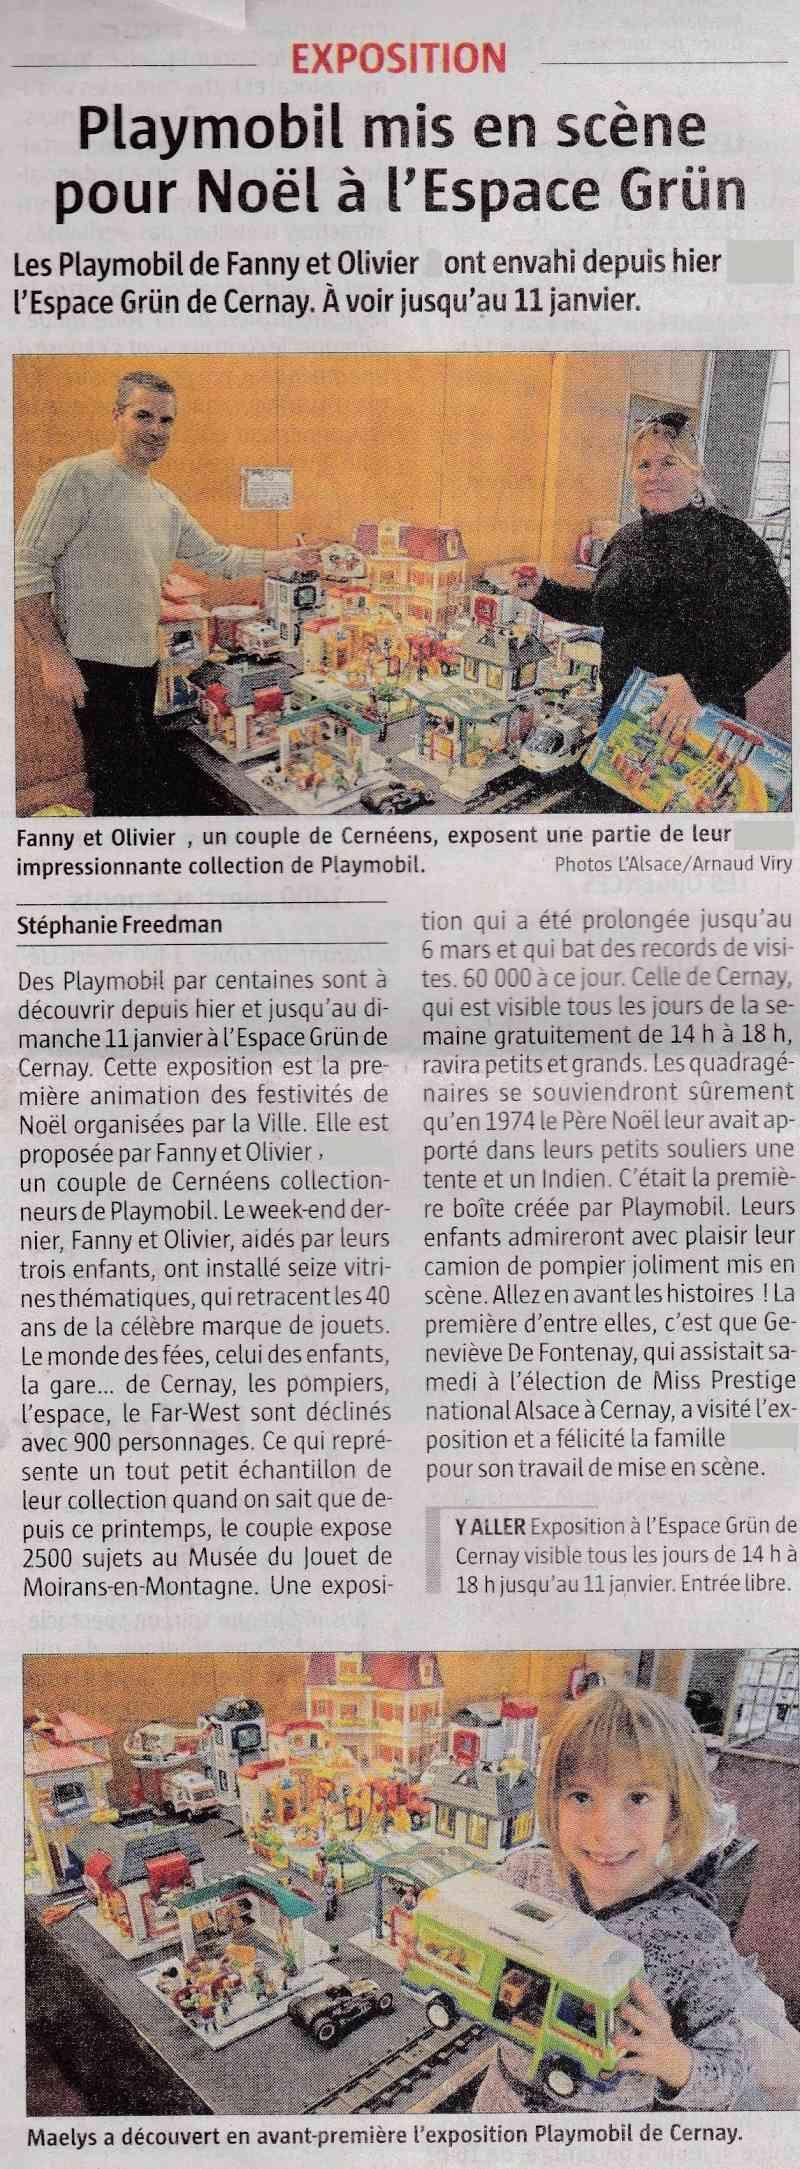 journal l 'alsace du mardi 02 décembre 2014 expo playmobil fanny et olivier